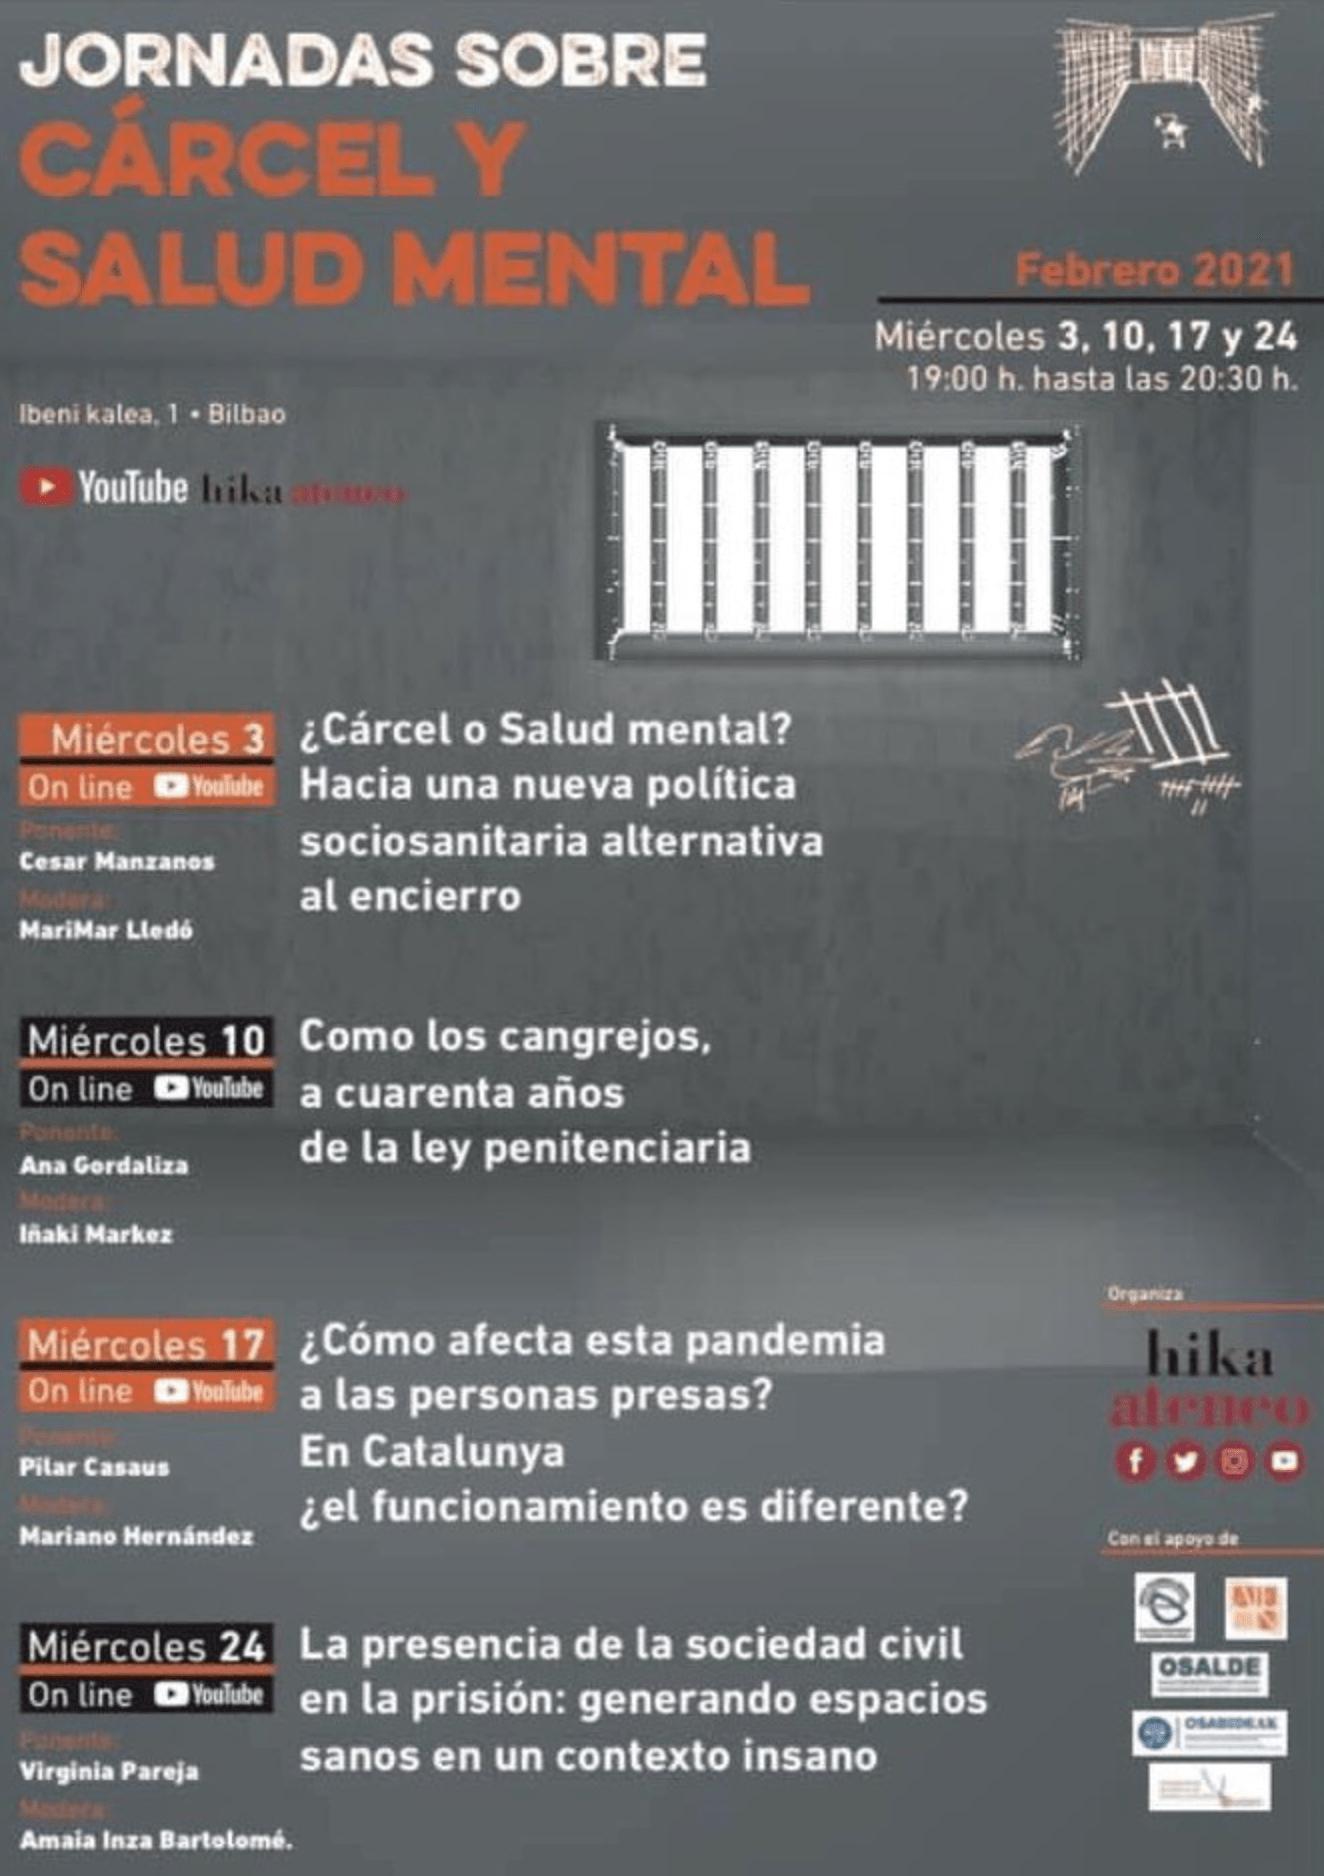 jornadas sobre cárcel y salud mental